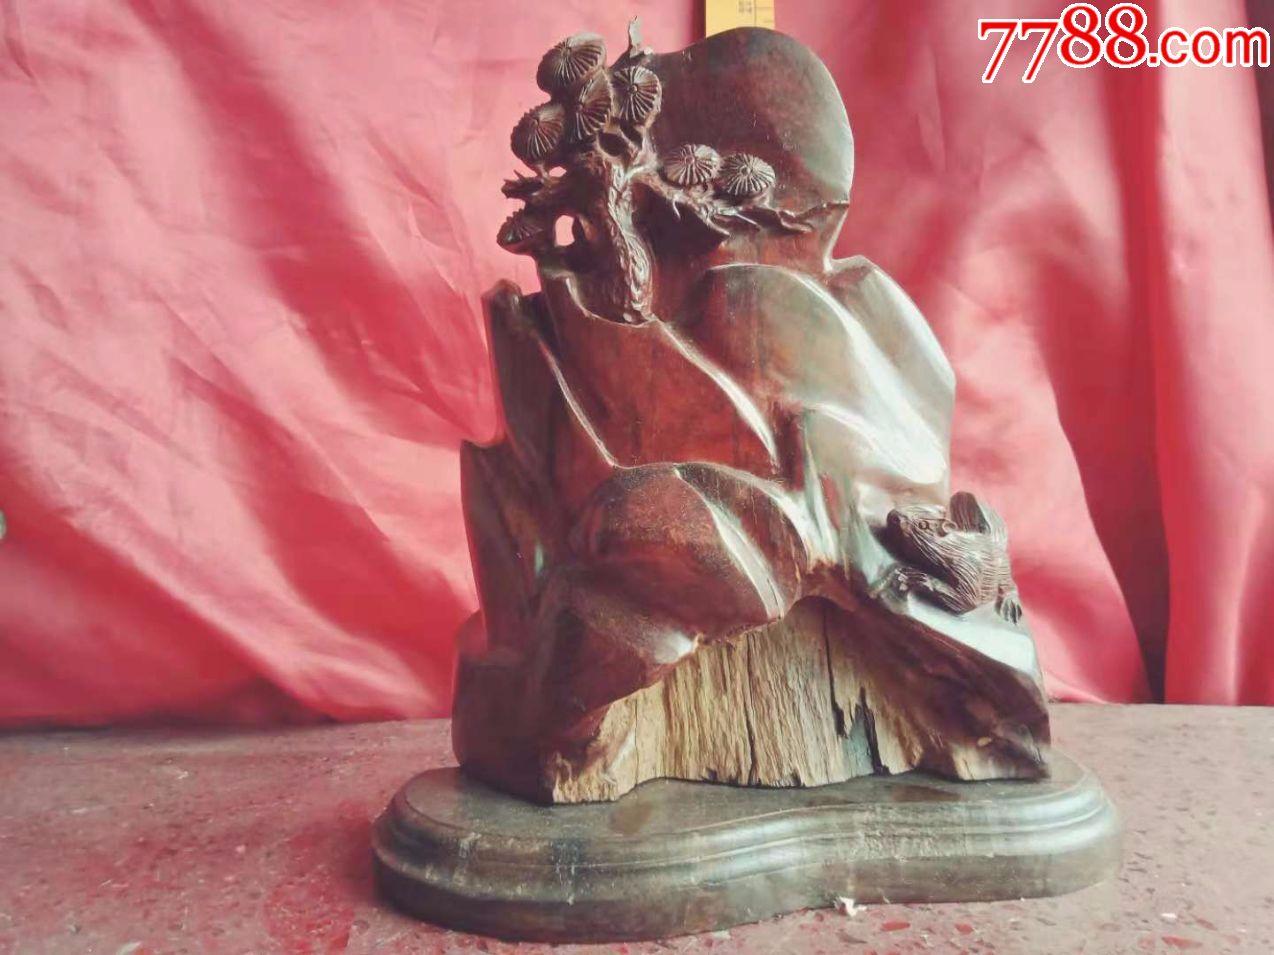 一口价,保证真正小叶紫檀红木春手工雕刻花鸟动物松鼠